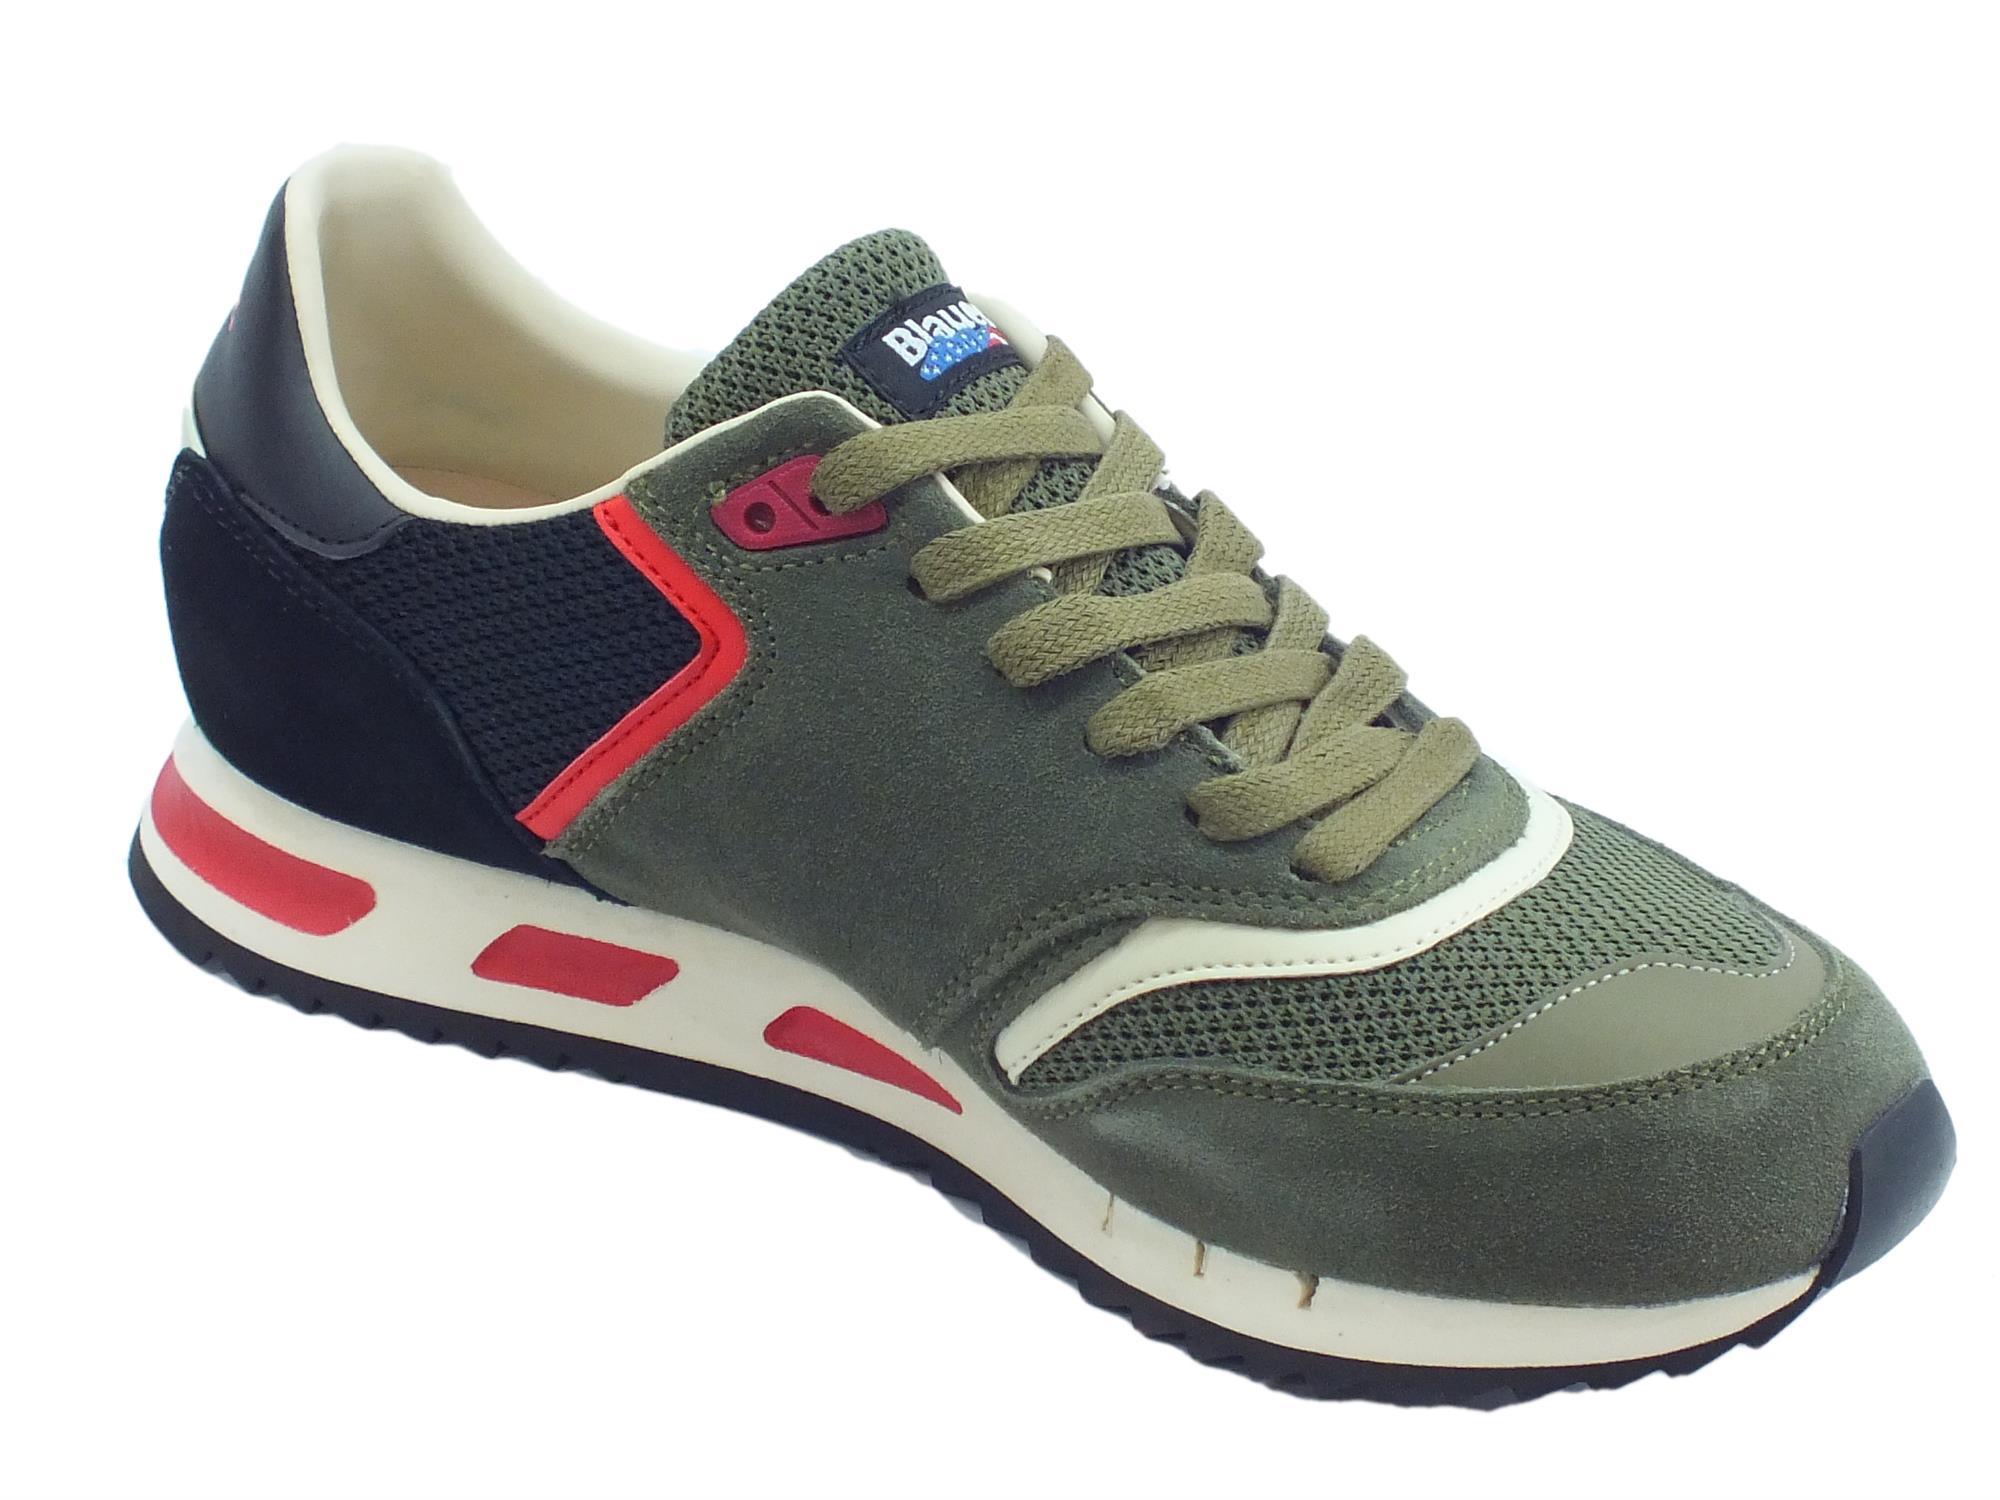 Blauer USA Memphis 06 scarpe sportive uomo military green - Vitiello ... 42e6c6ceff1